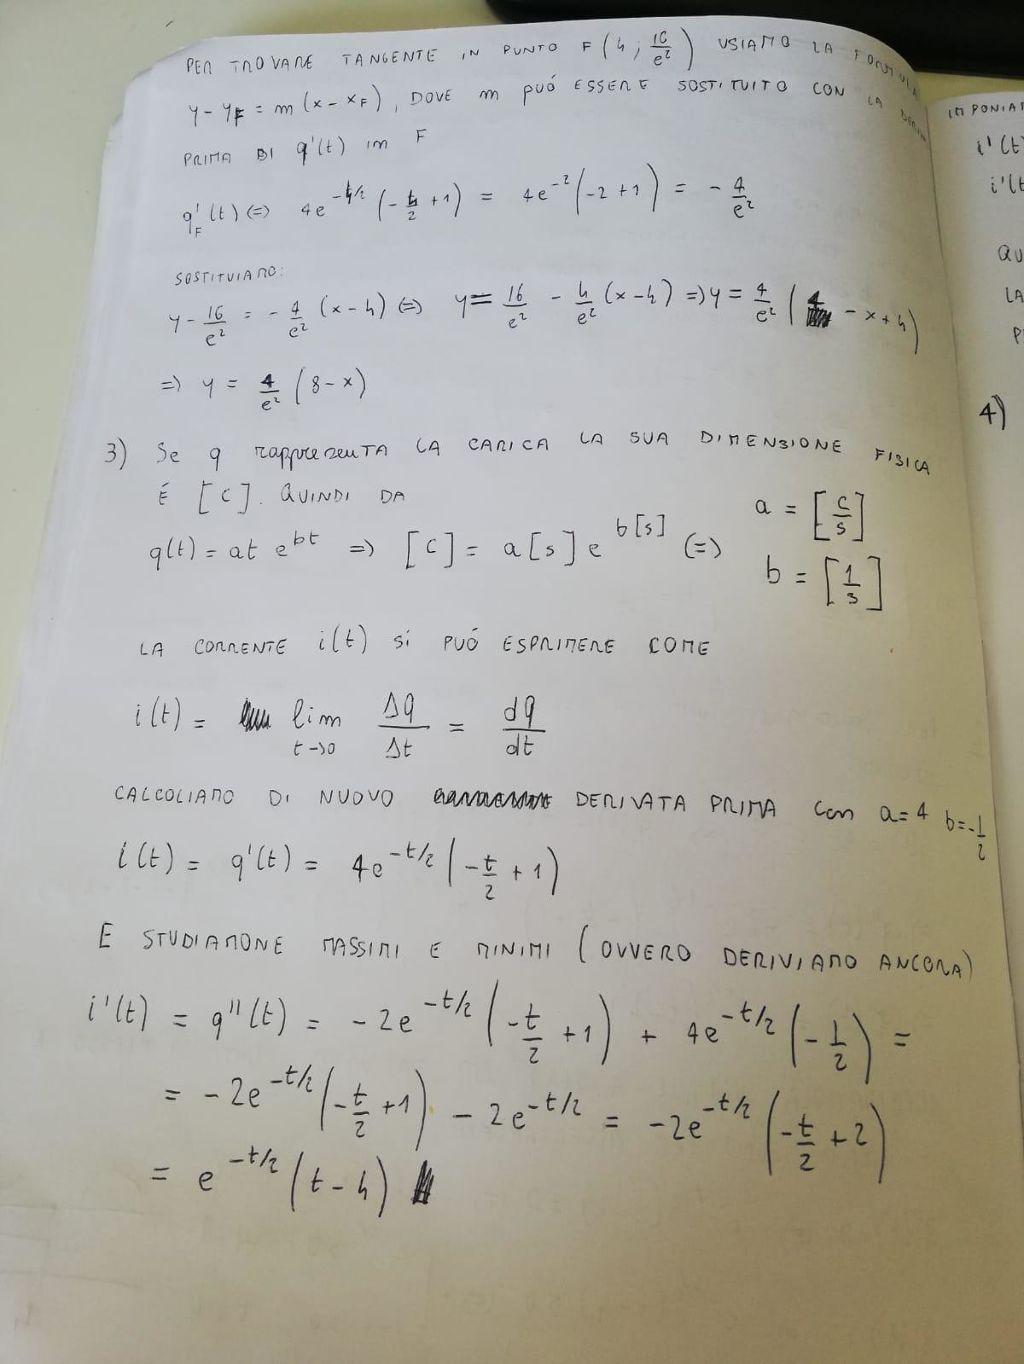 problema 1 scientifico 2